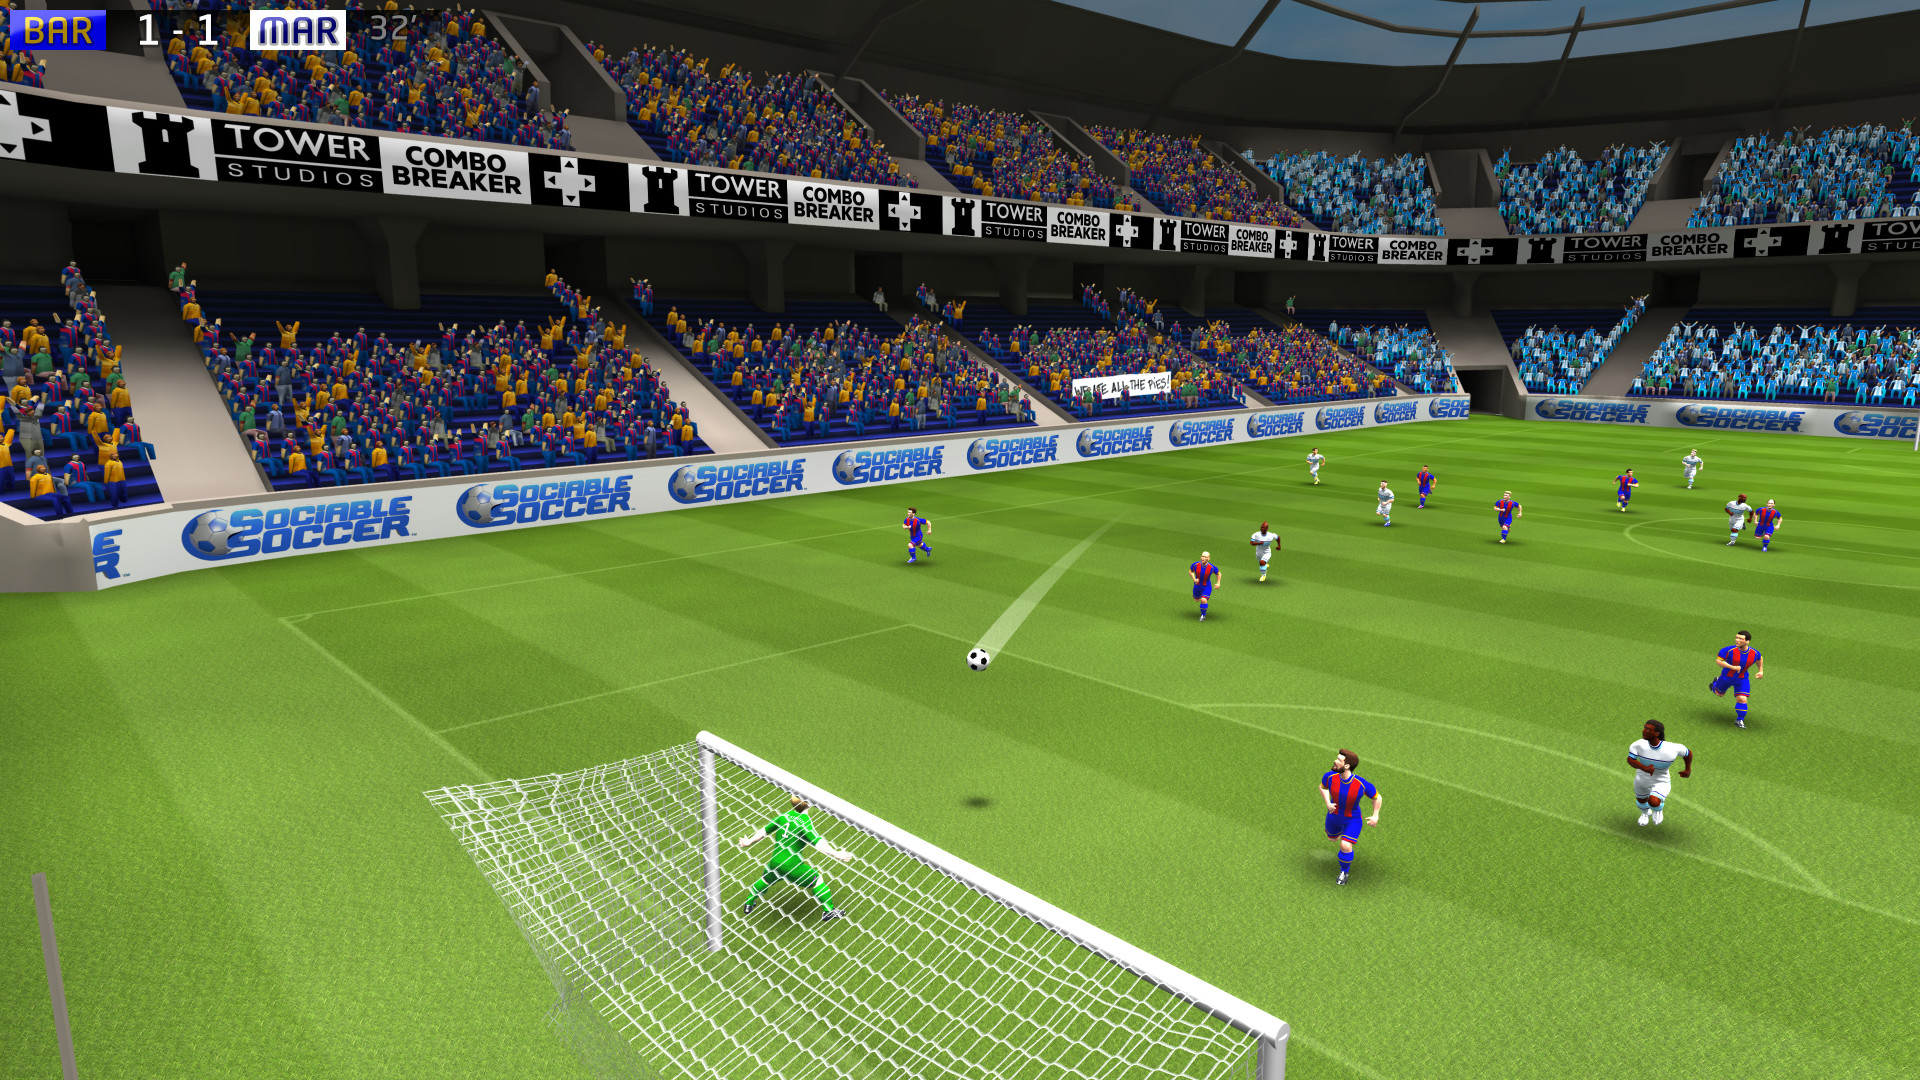 Sociable Soccer_01